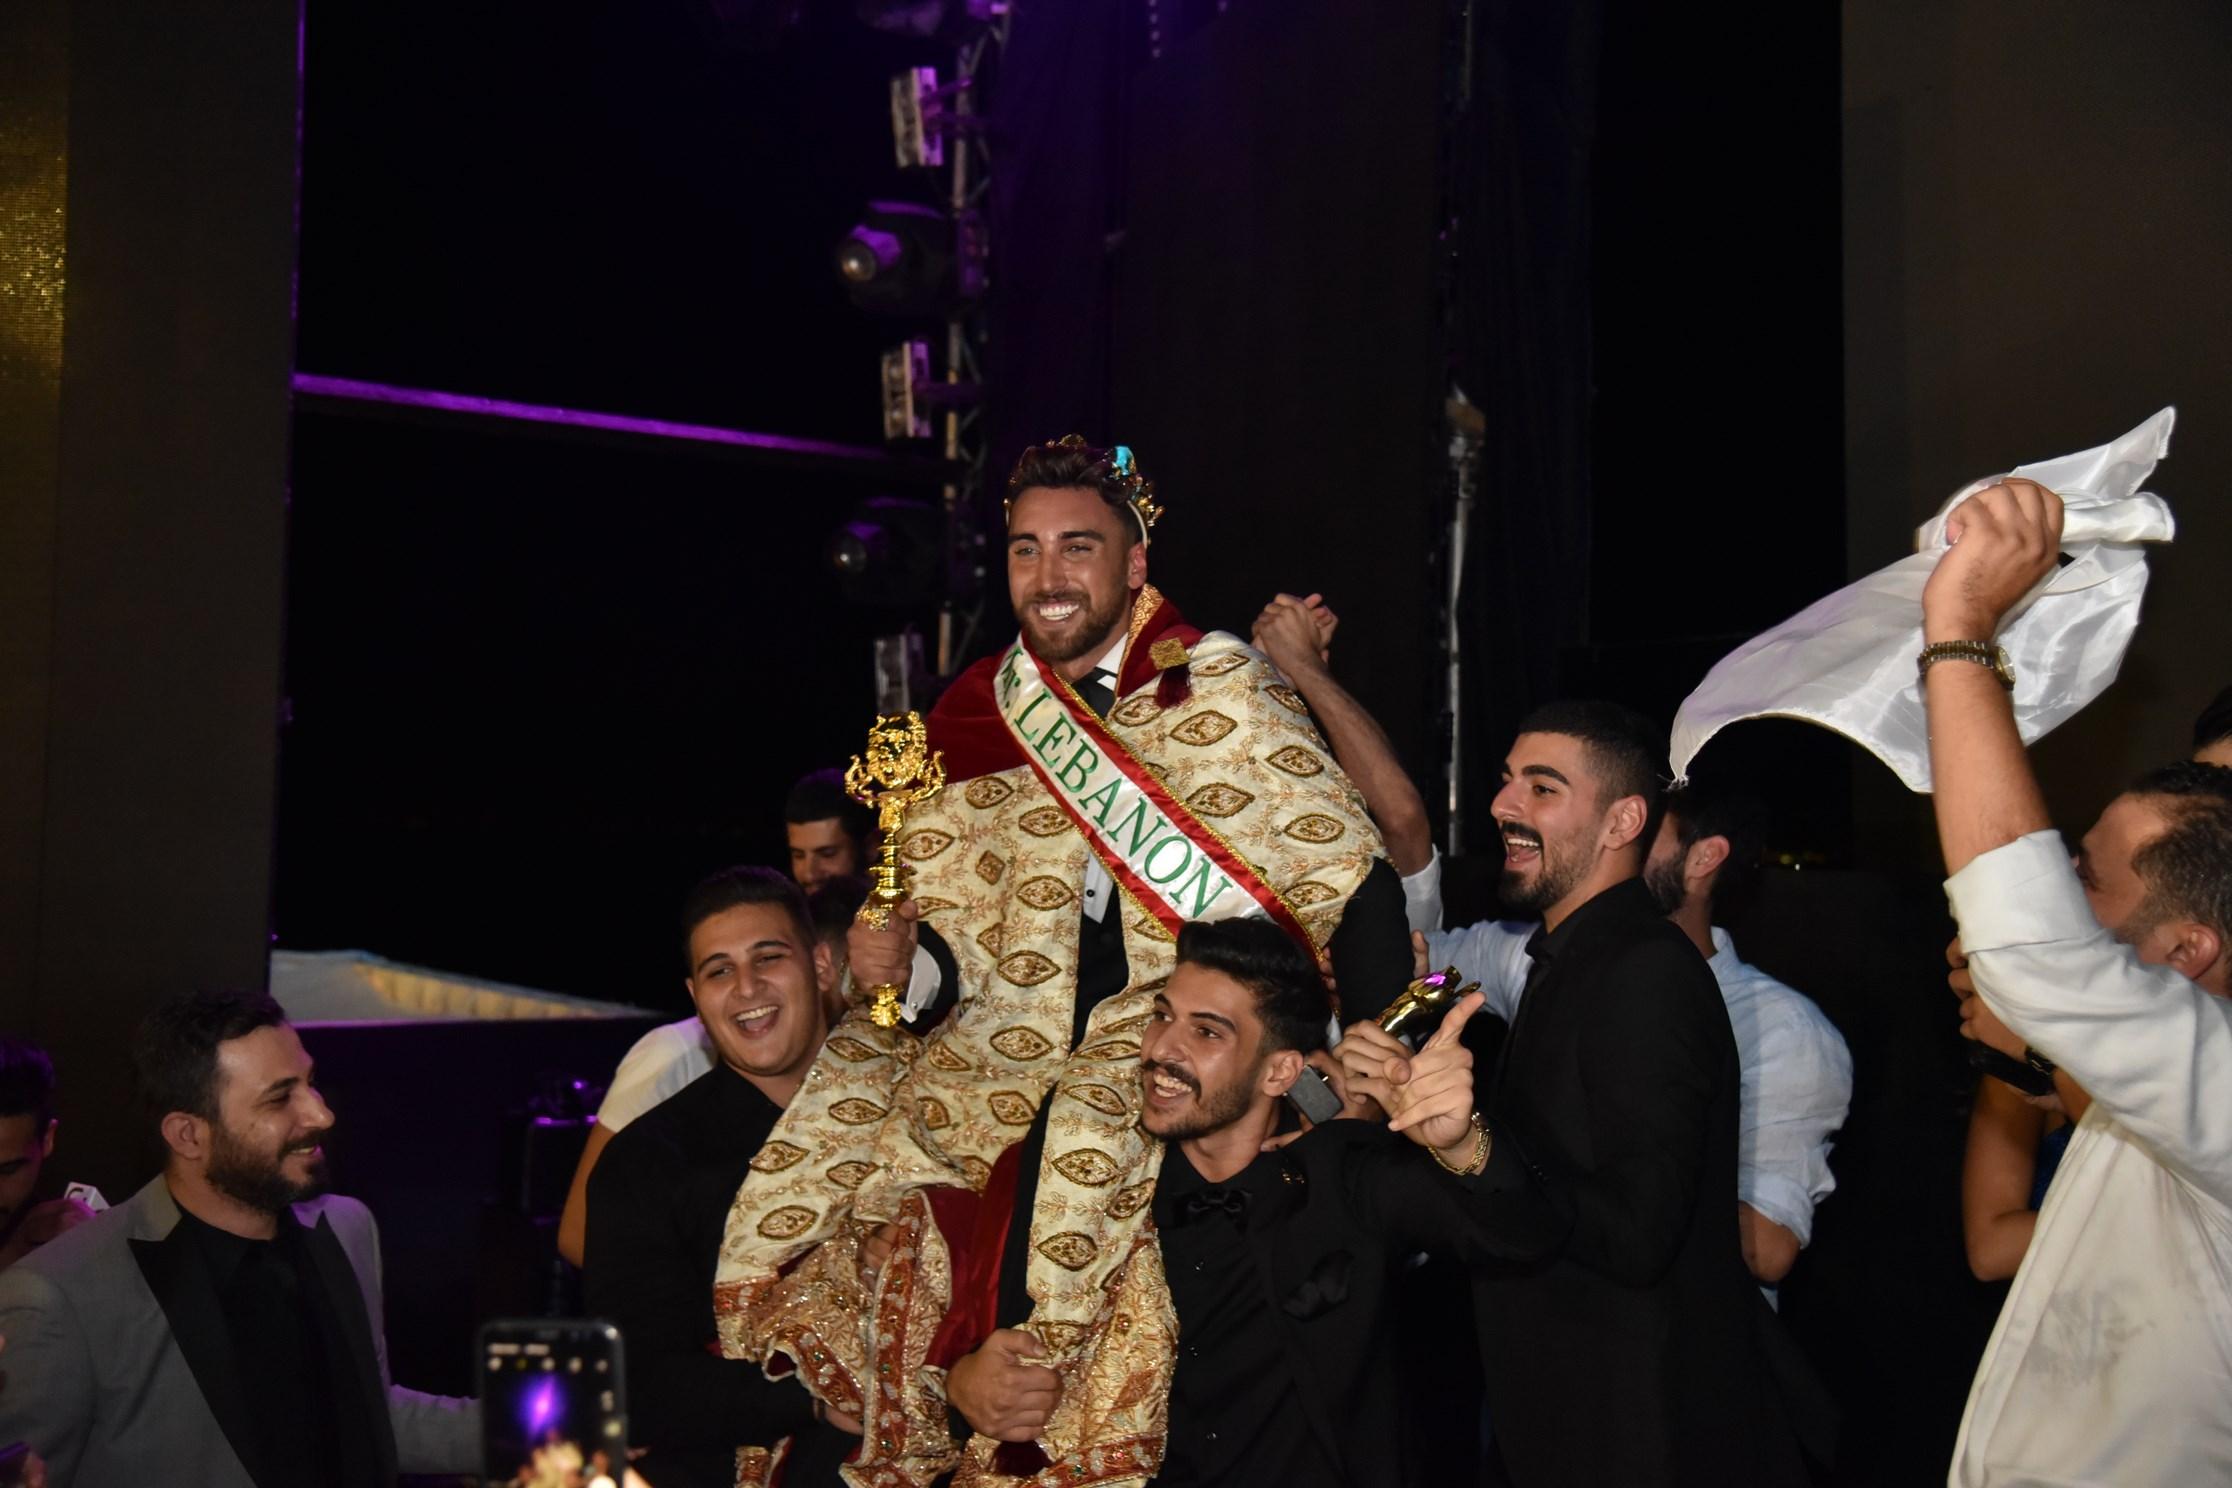 بعد اعلان فوز محمد صندقلي بلقب ملك جمال لبنان